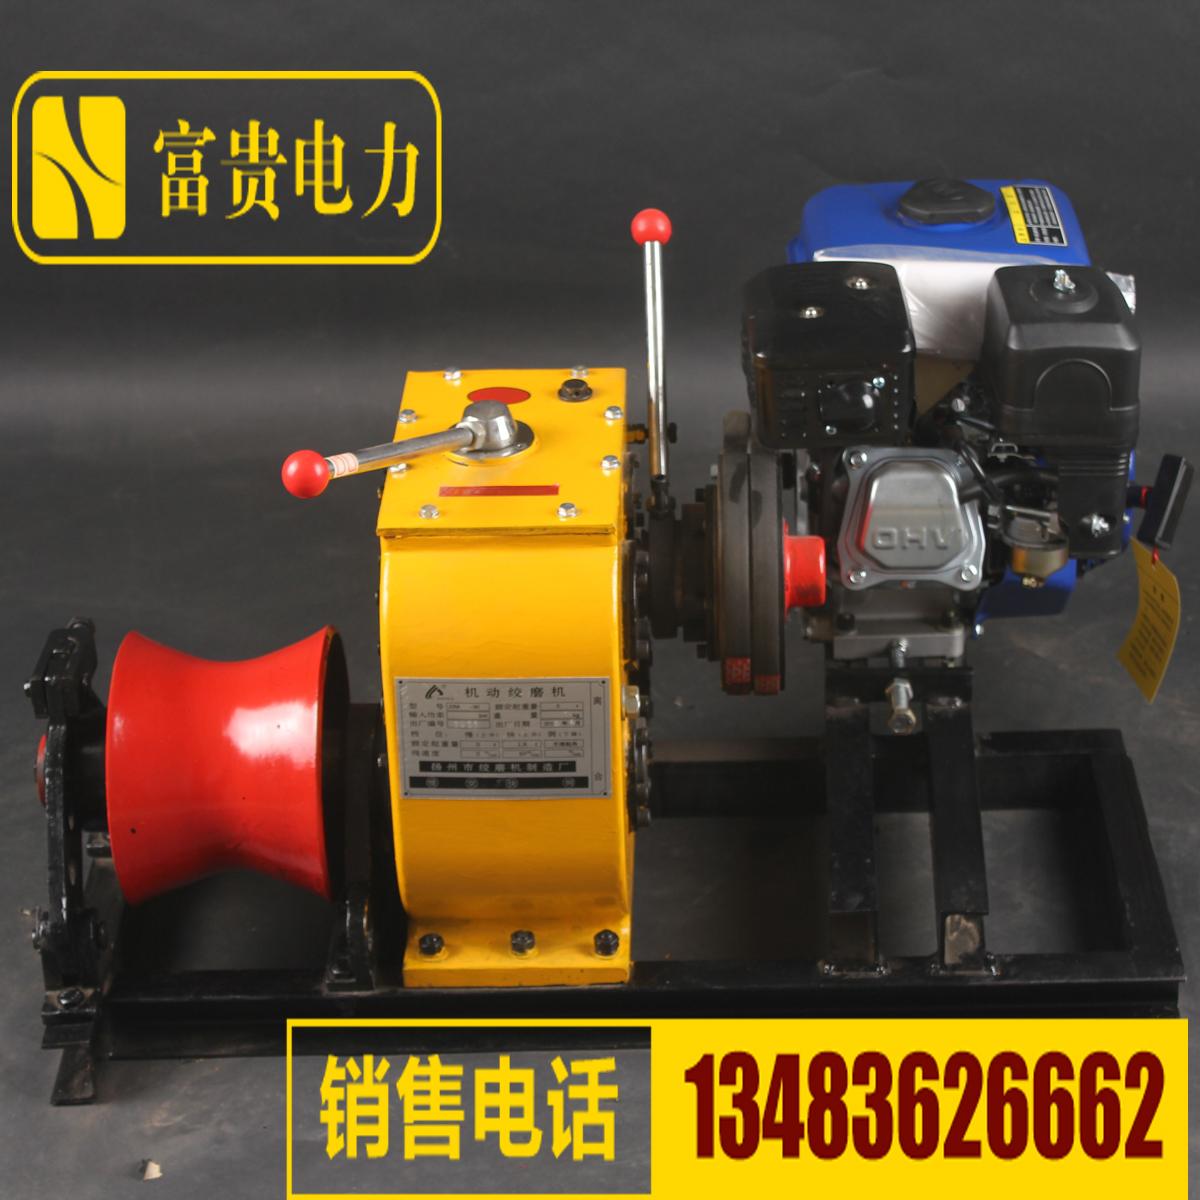 機動絞磨 軸傳動絞磨機 電力牽引機 角磨機 5噸 力帆汽油絞磨